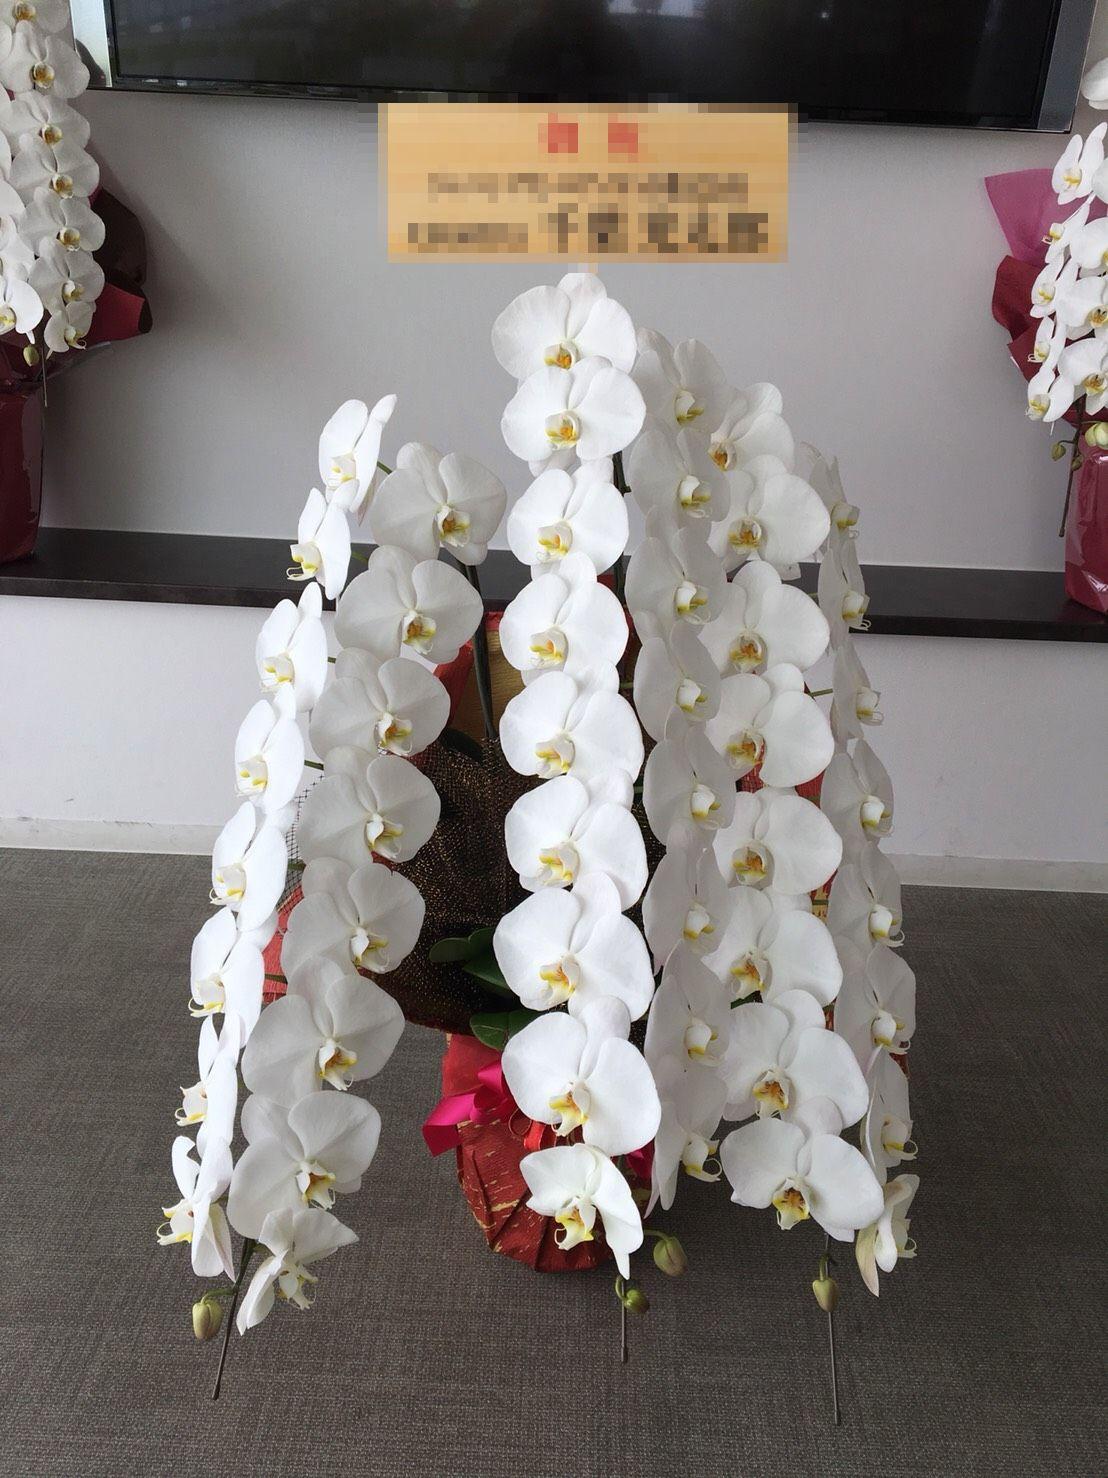 【ナオ花屋の納品事例130】横浜市関内の法人企業様へ胡蝶蘭を配達しました!